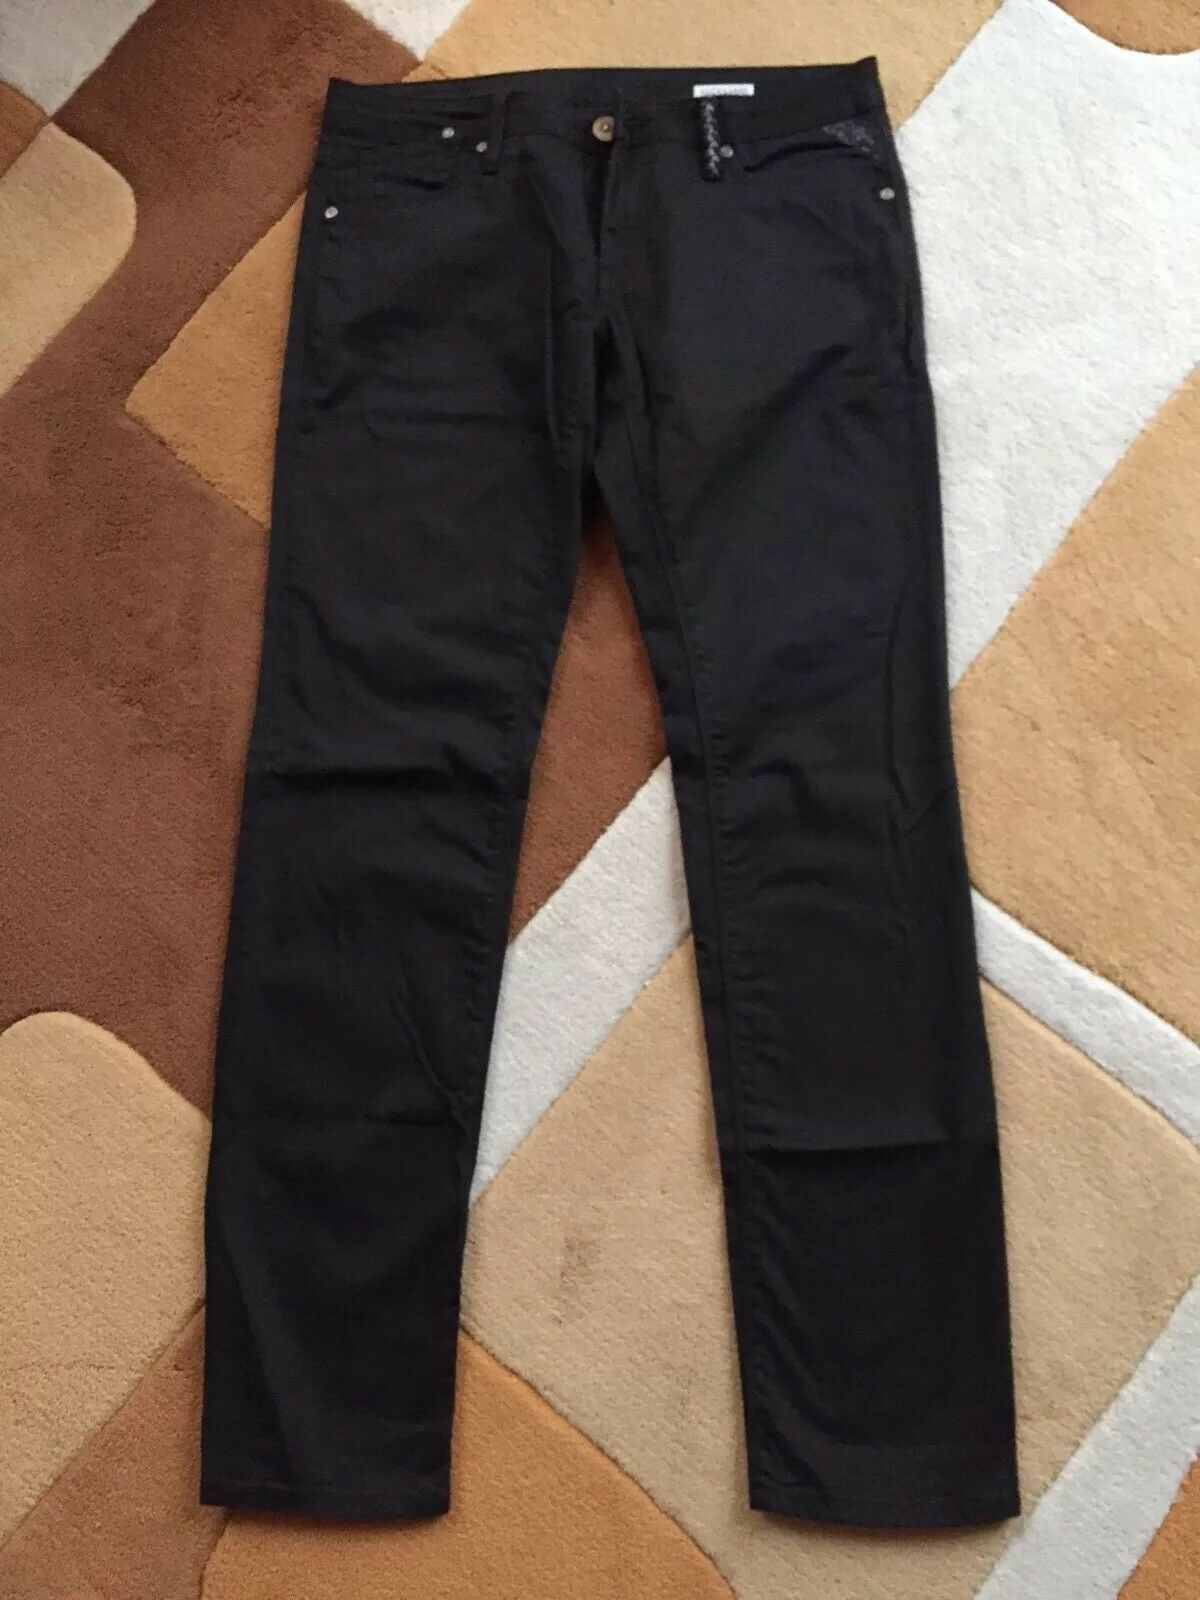 Replay Jeans Hose Rockxanne schwarz 30 32 Neu